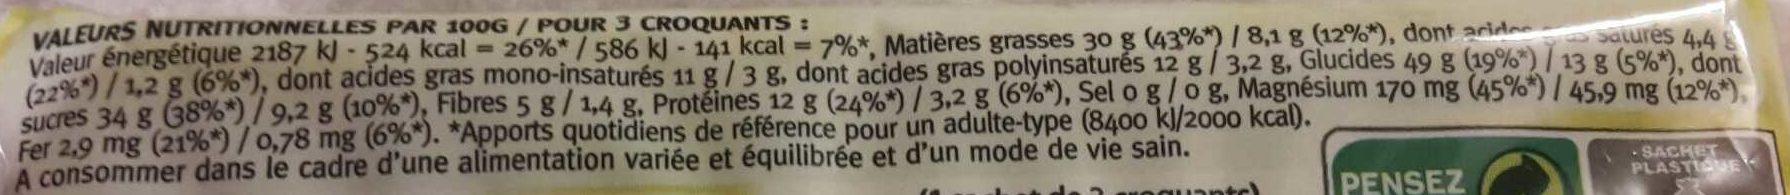 Croquant Miel Sésame - Nutrition facts - fr